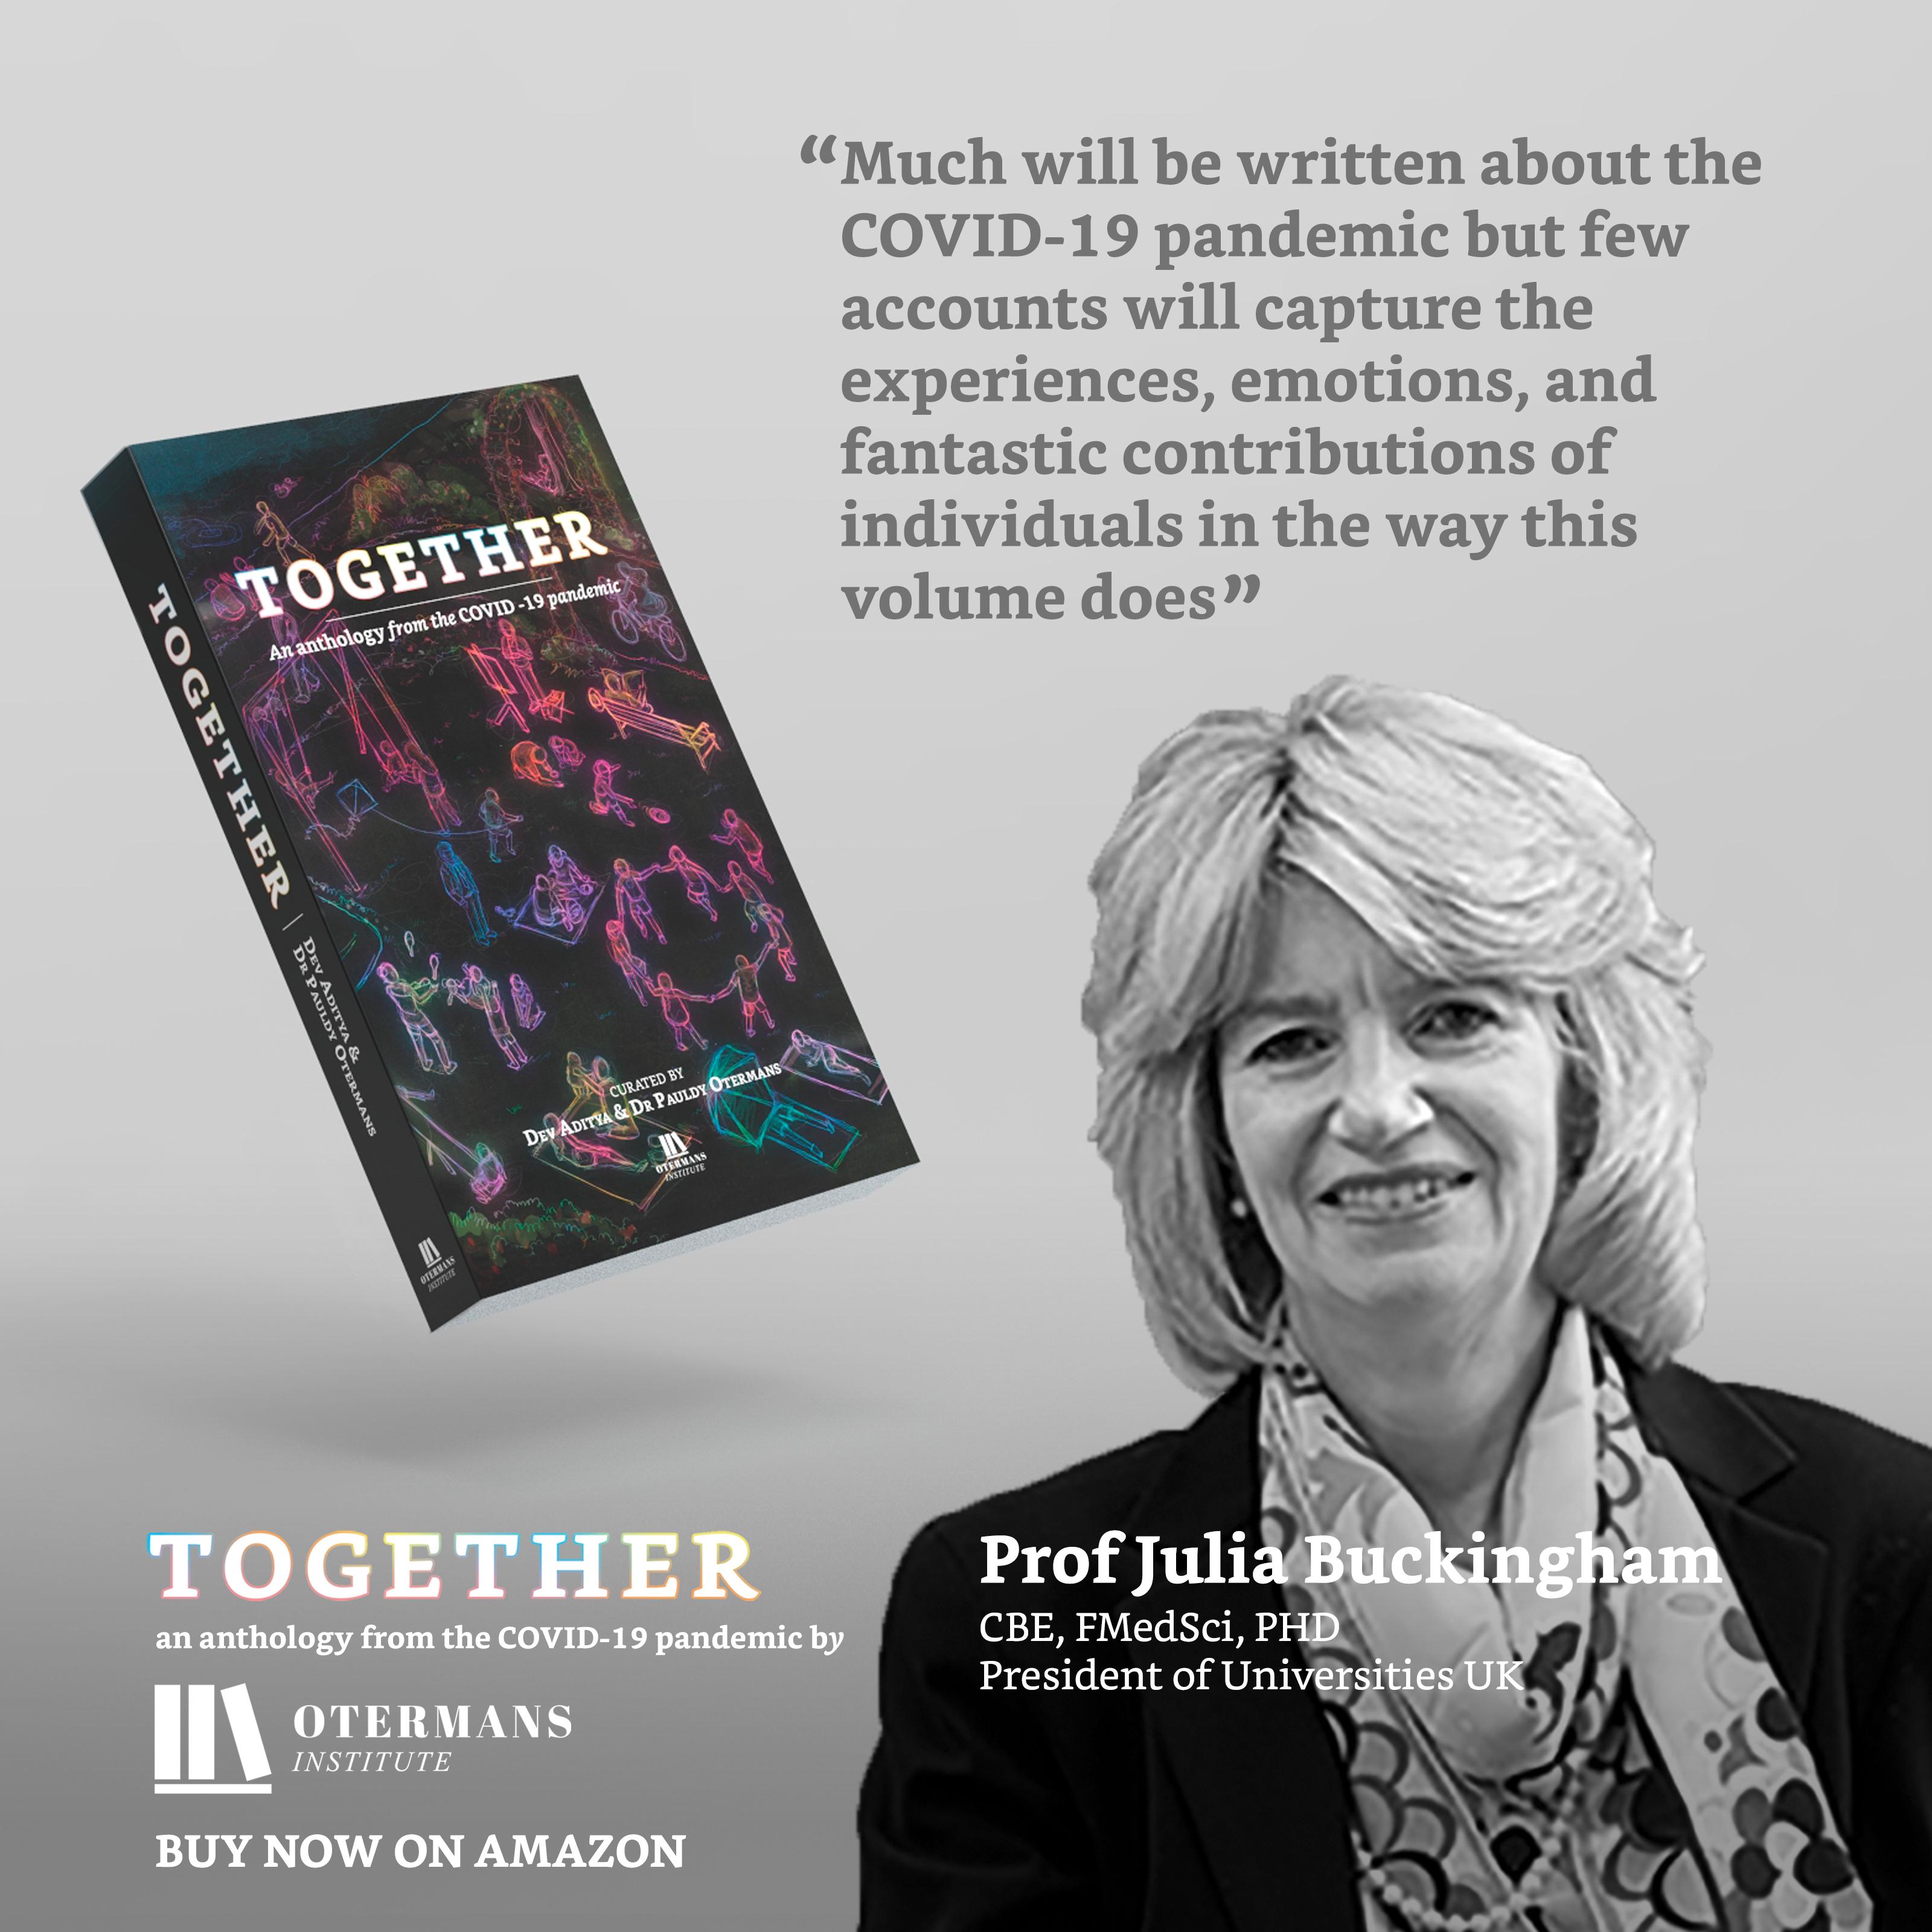 Prof Julia Buckingham Quote